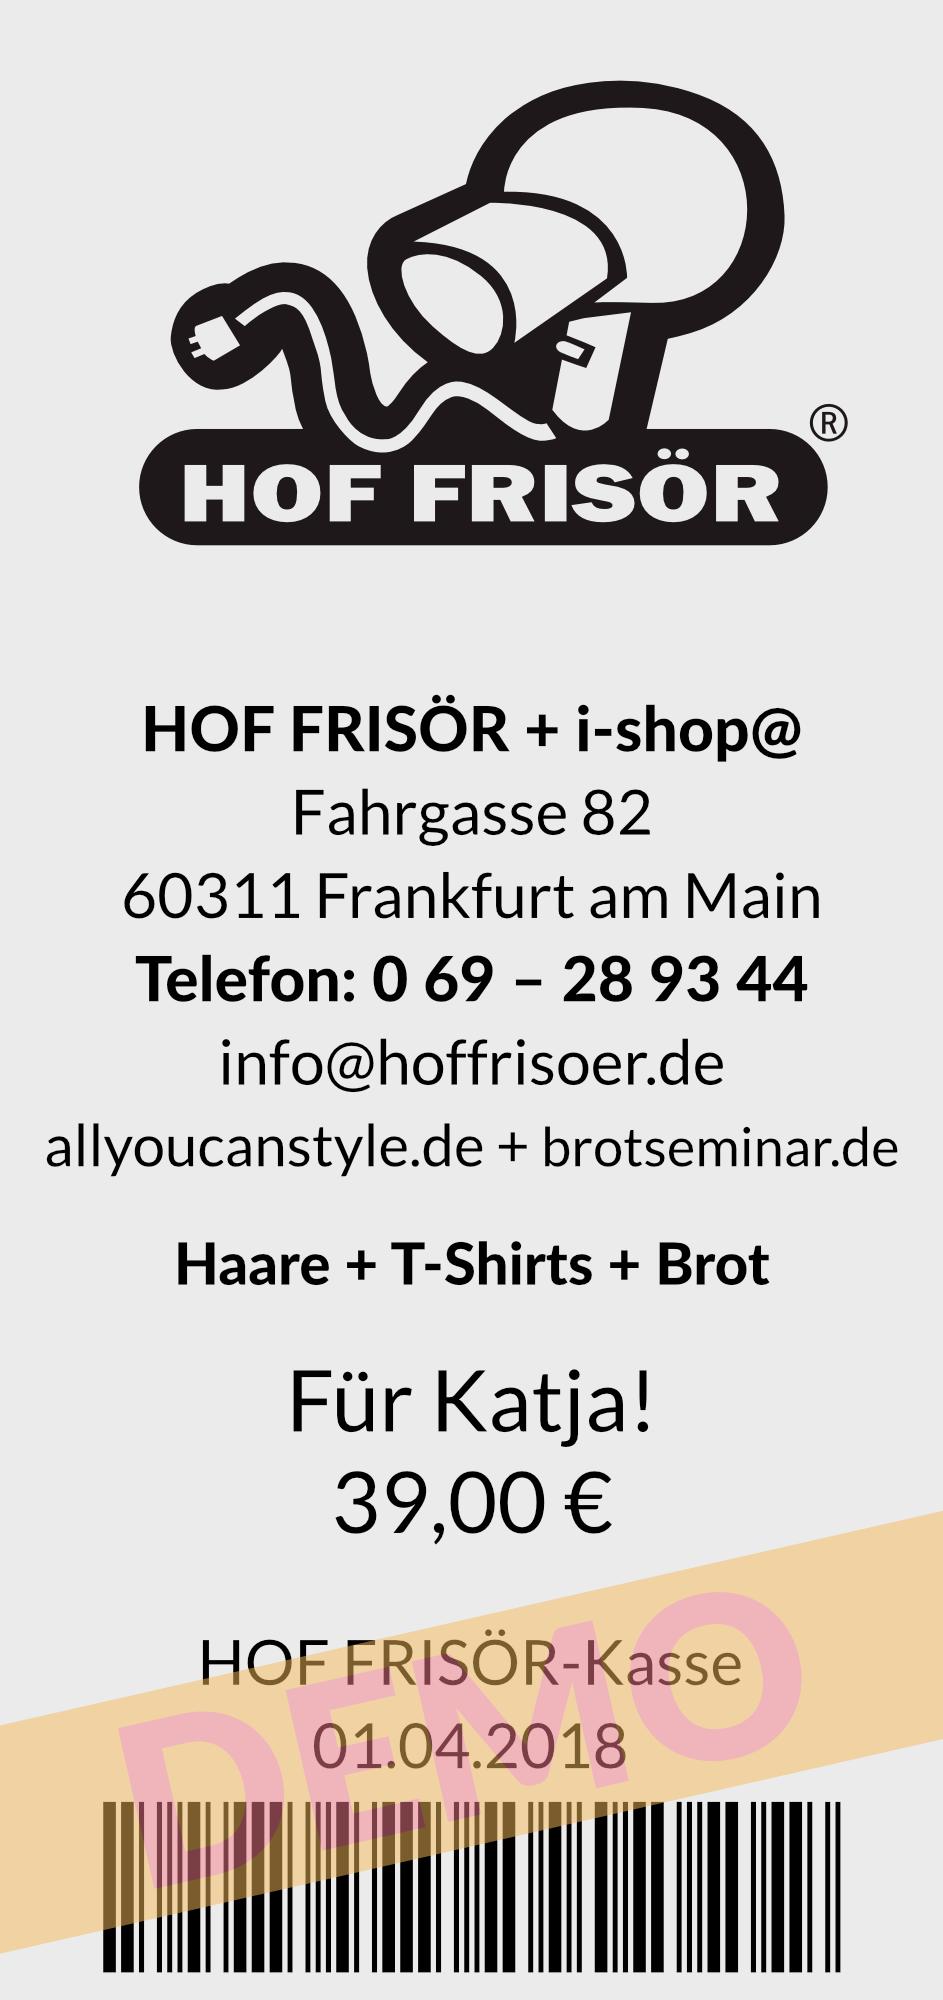 HOF FRISÖR-Kasse 2018: Gutscheine verkaufen leicht gemacht mit der flour.io-Kassenlösung aus der Cloud. Alle Gutscheine werden GoBD-konform verkauft, eingelöst + verbucht.